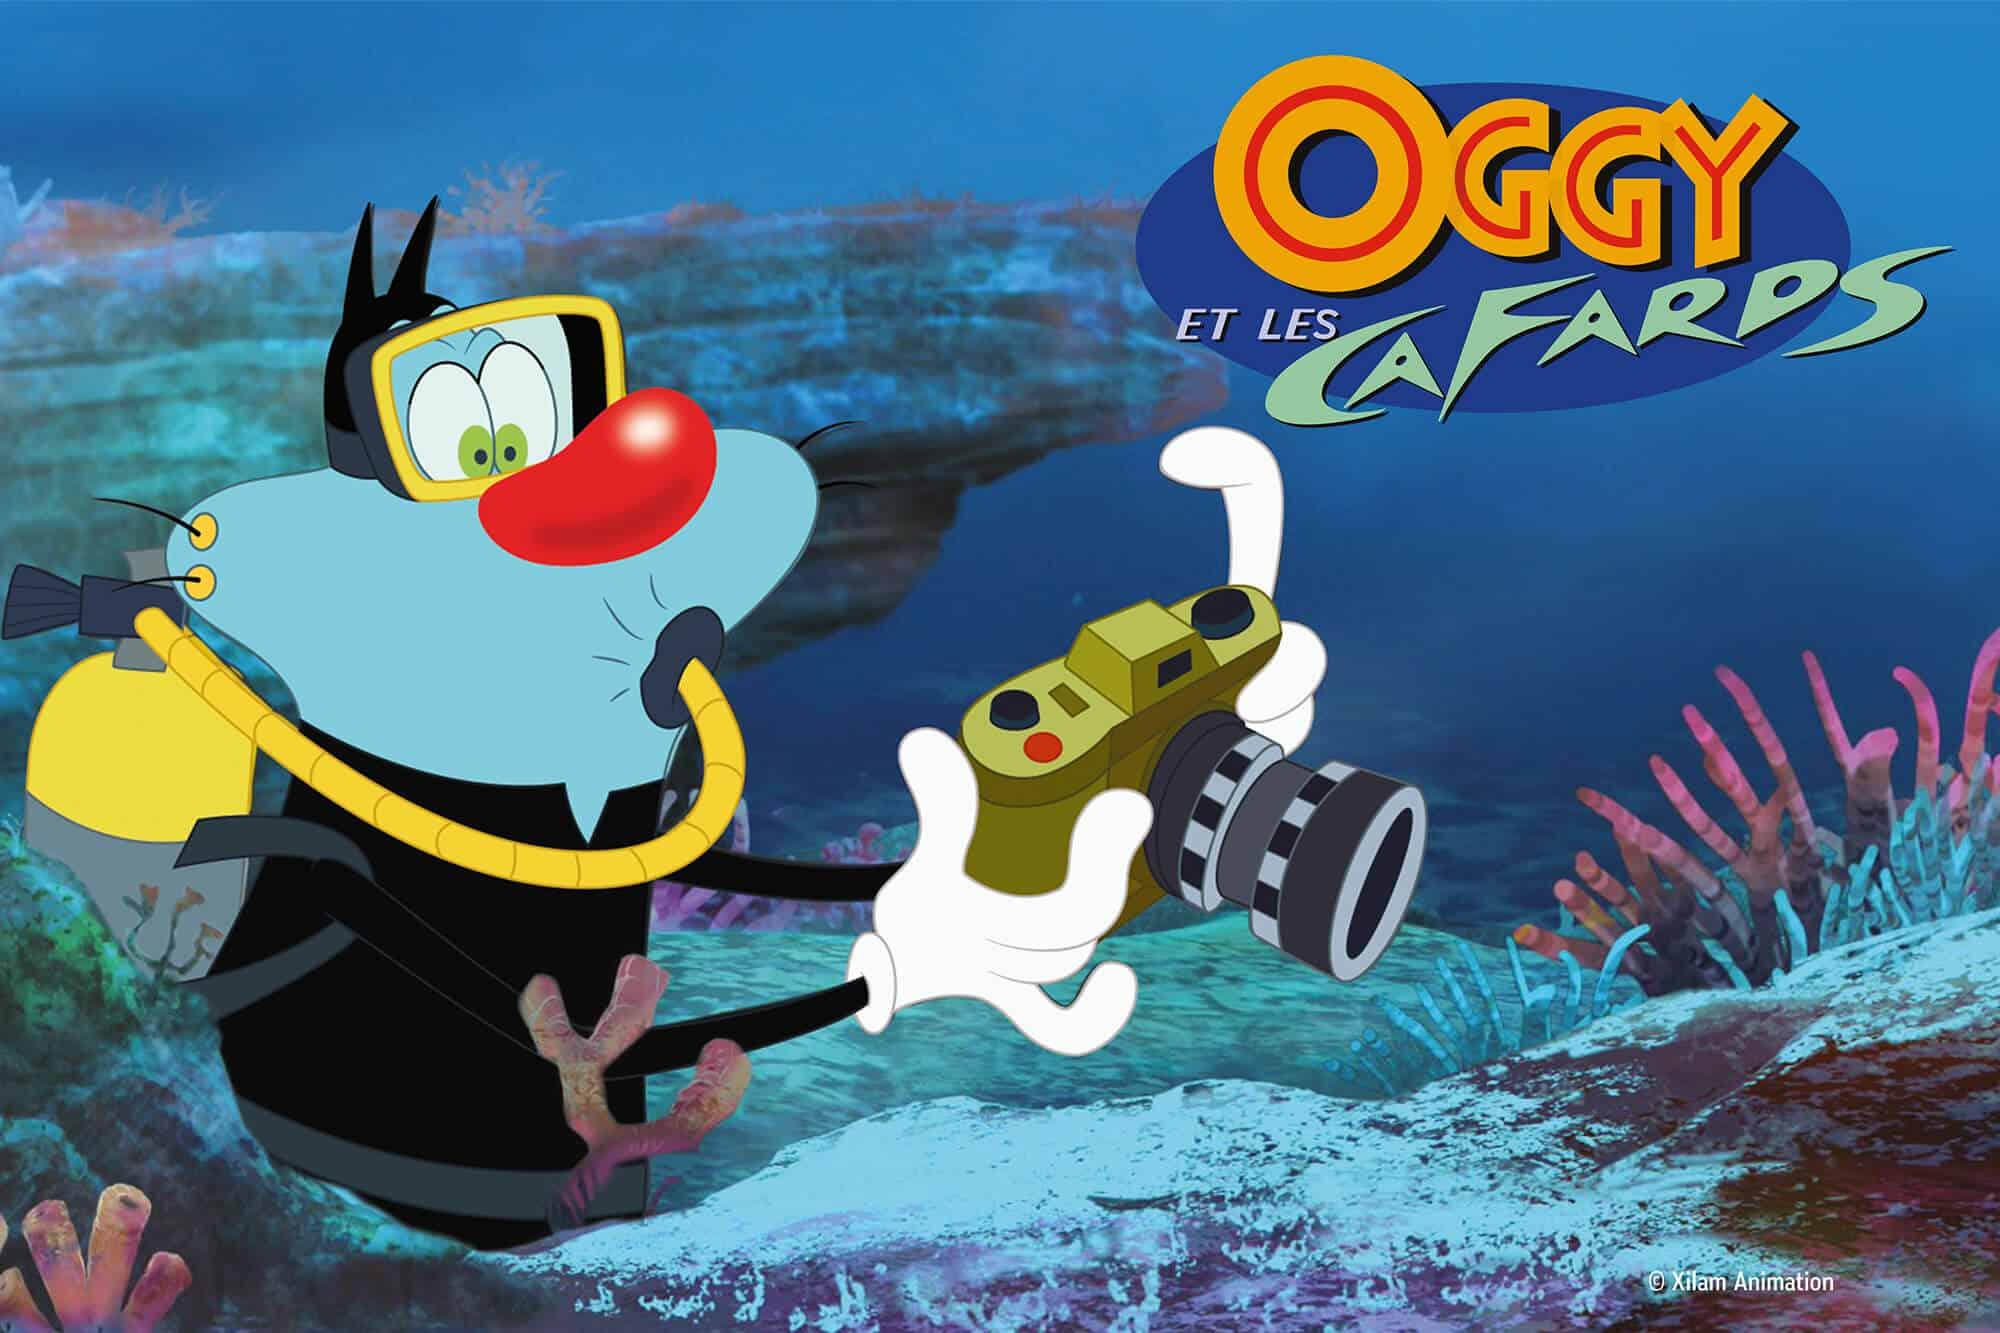 Exposition Oggy et les cafards - Aquarium de Paris